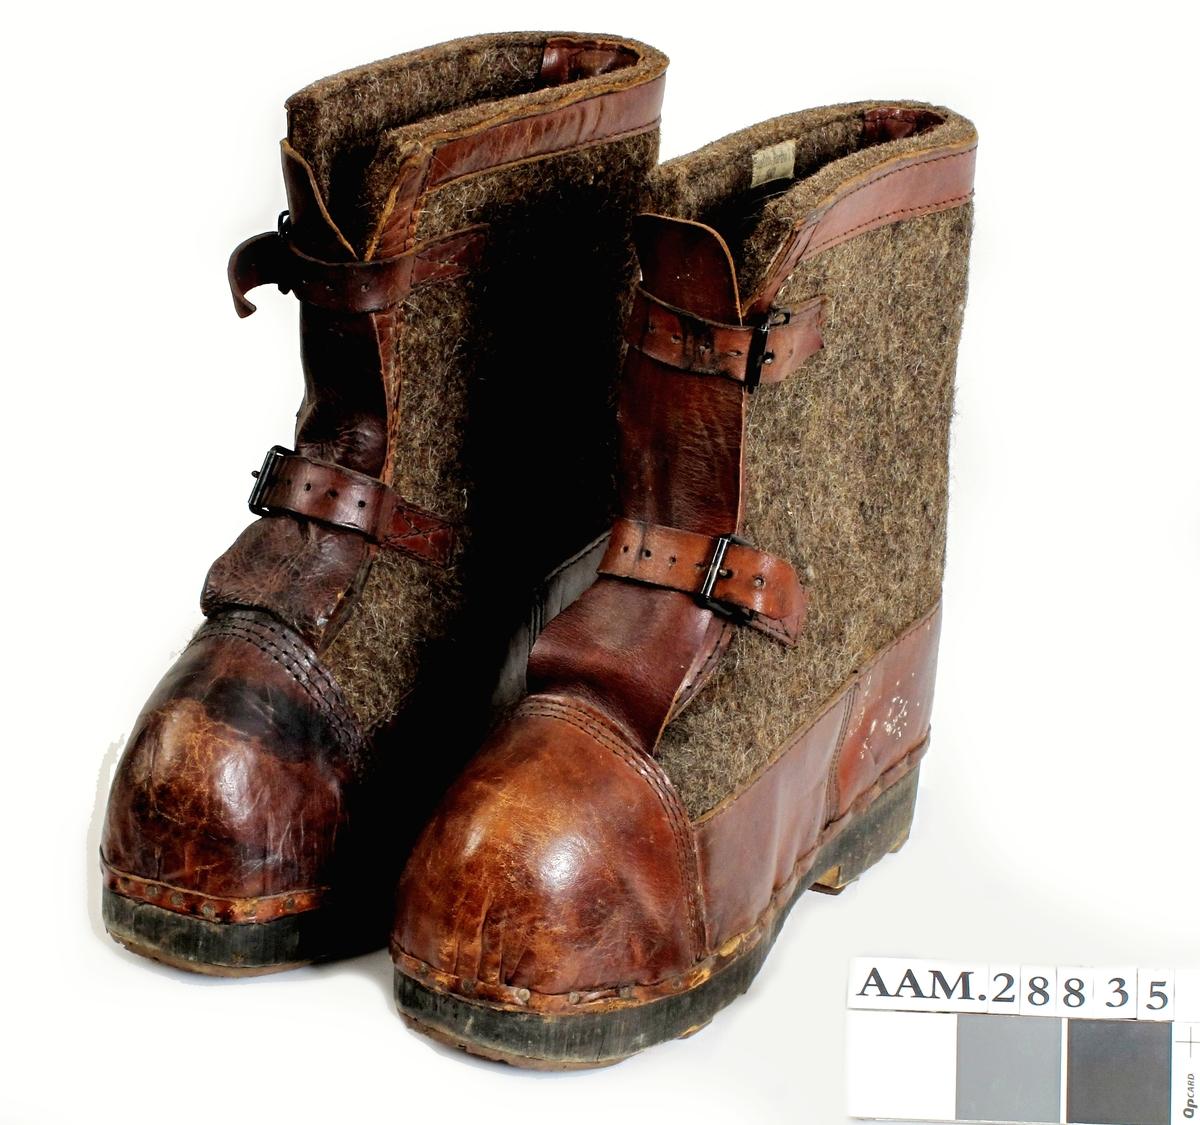 Støvler av filt, trolig ull. Slitebeslag av lær, spenner etc av metall. Såler av tre.